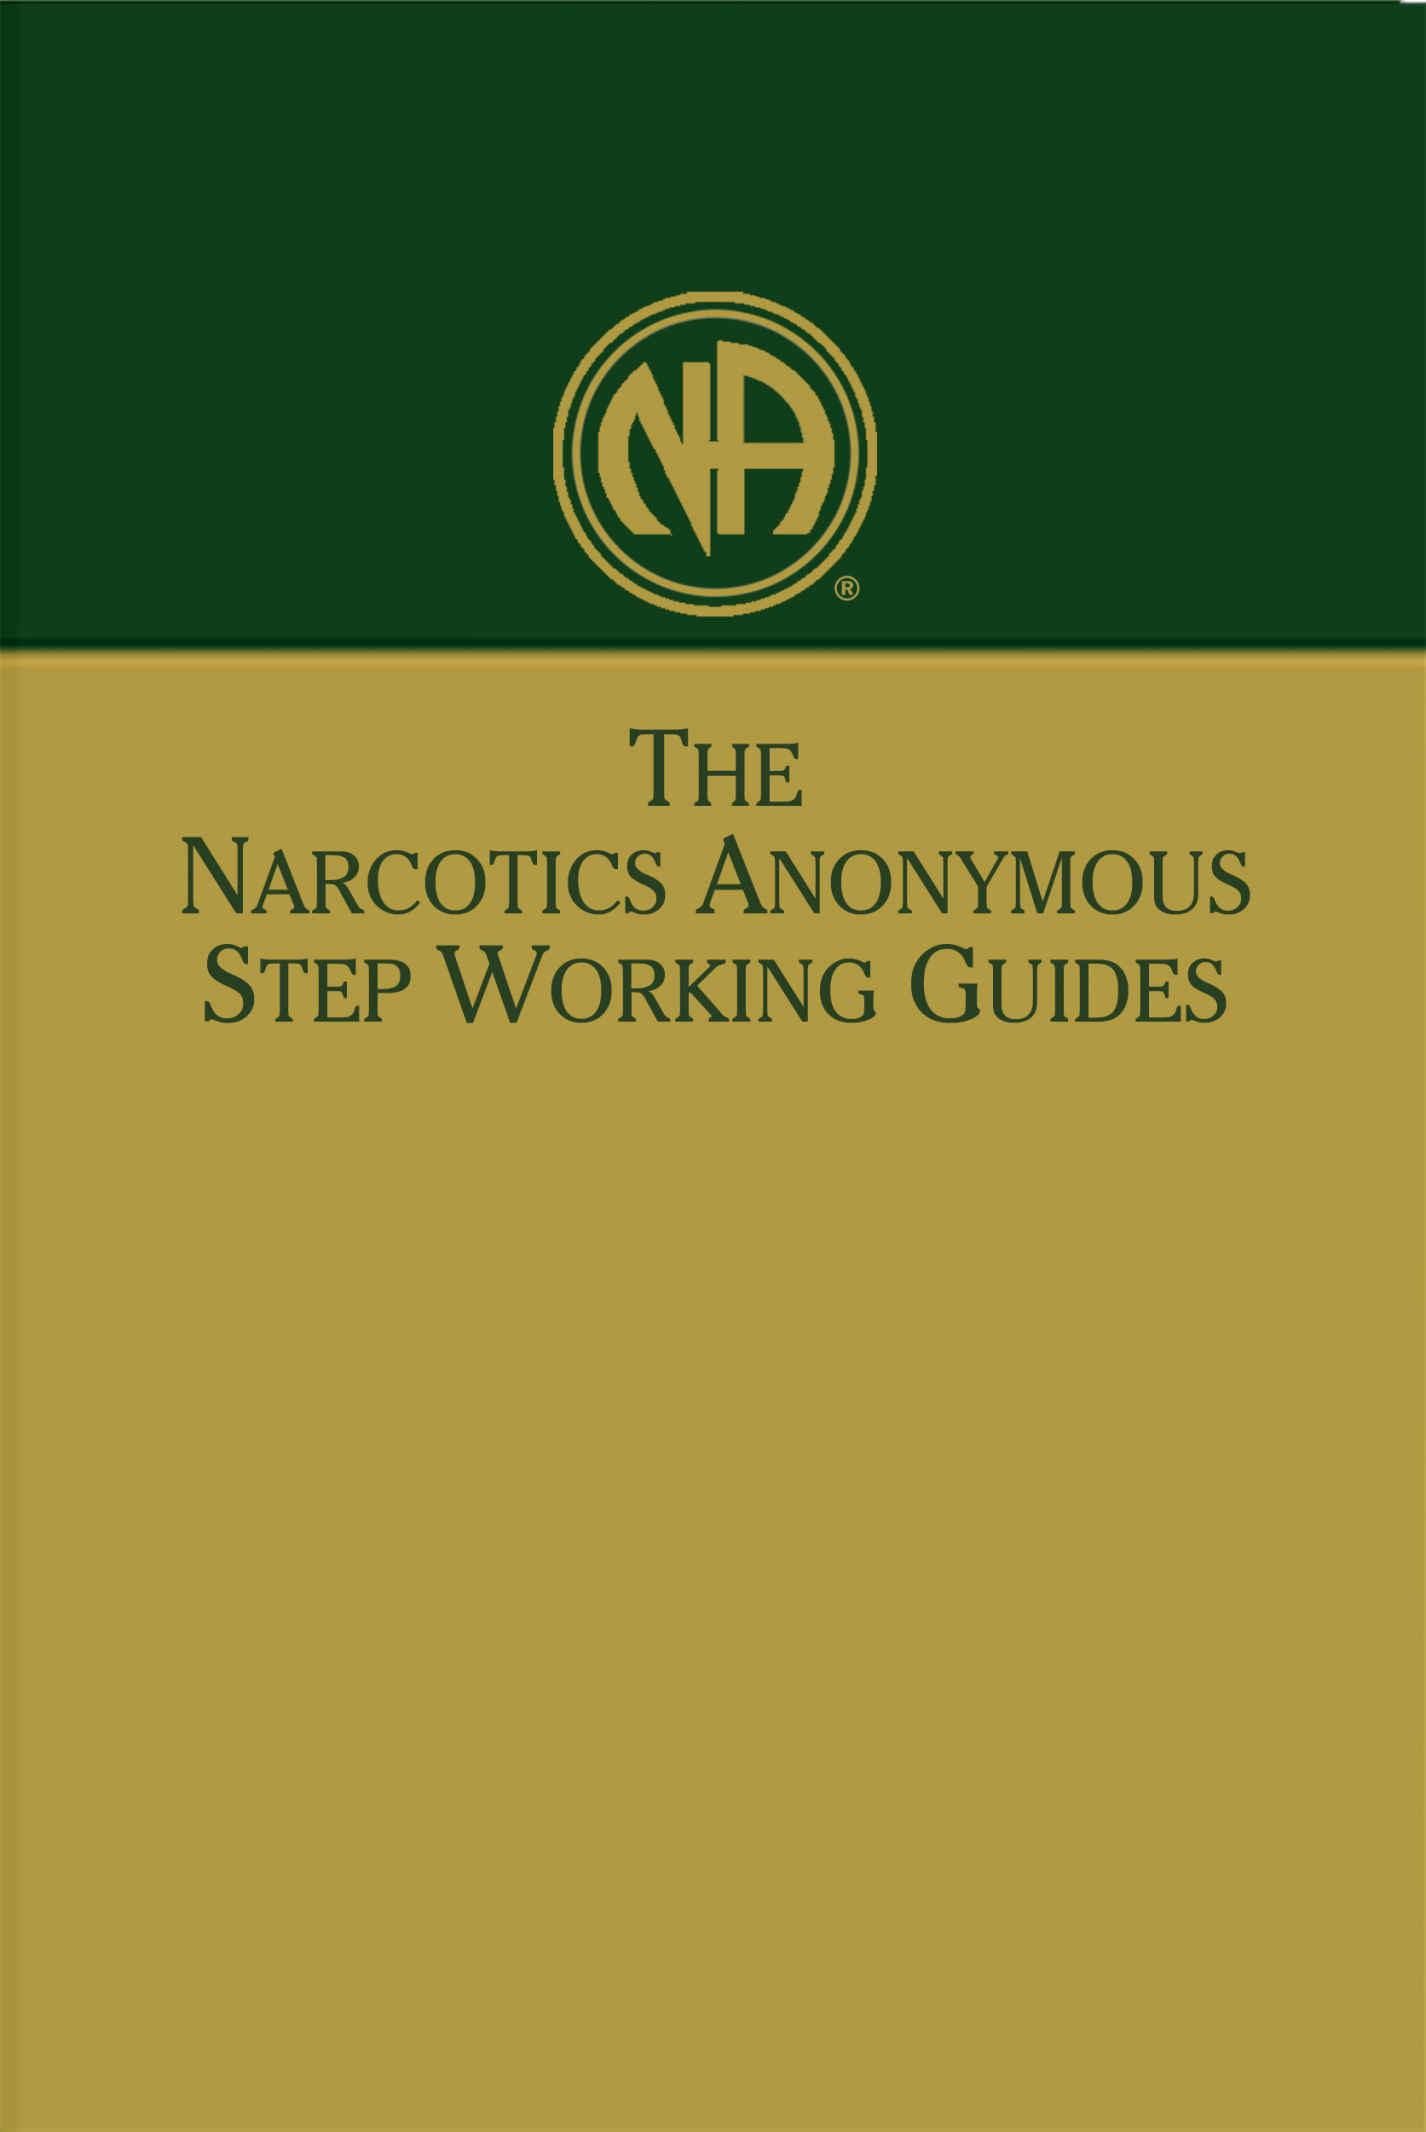 Na Step Working Guide